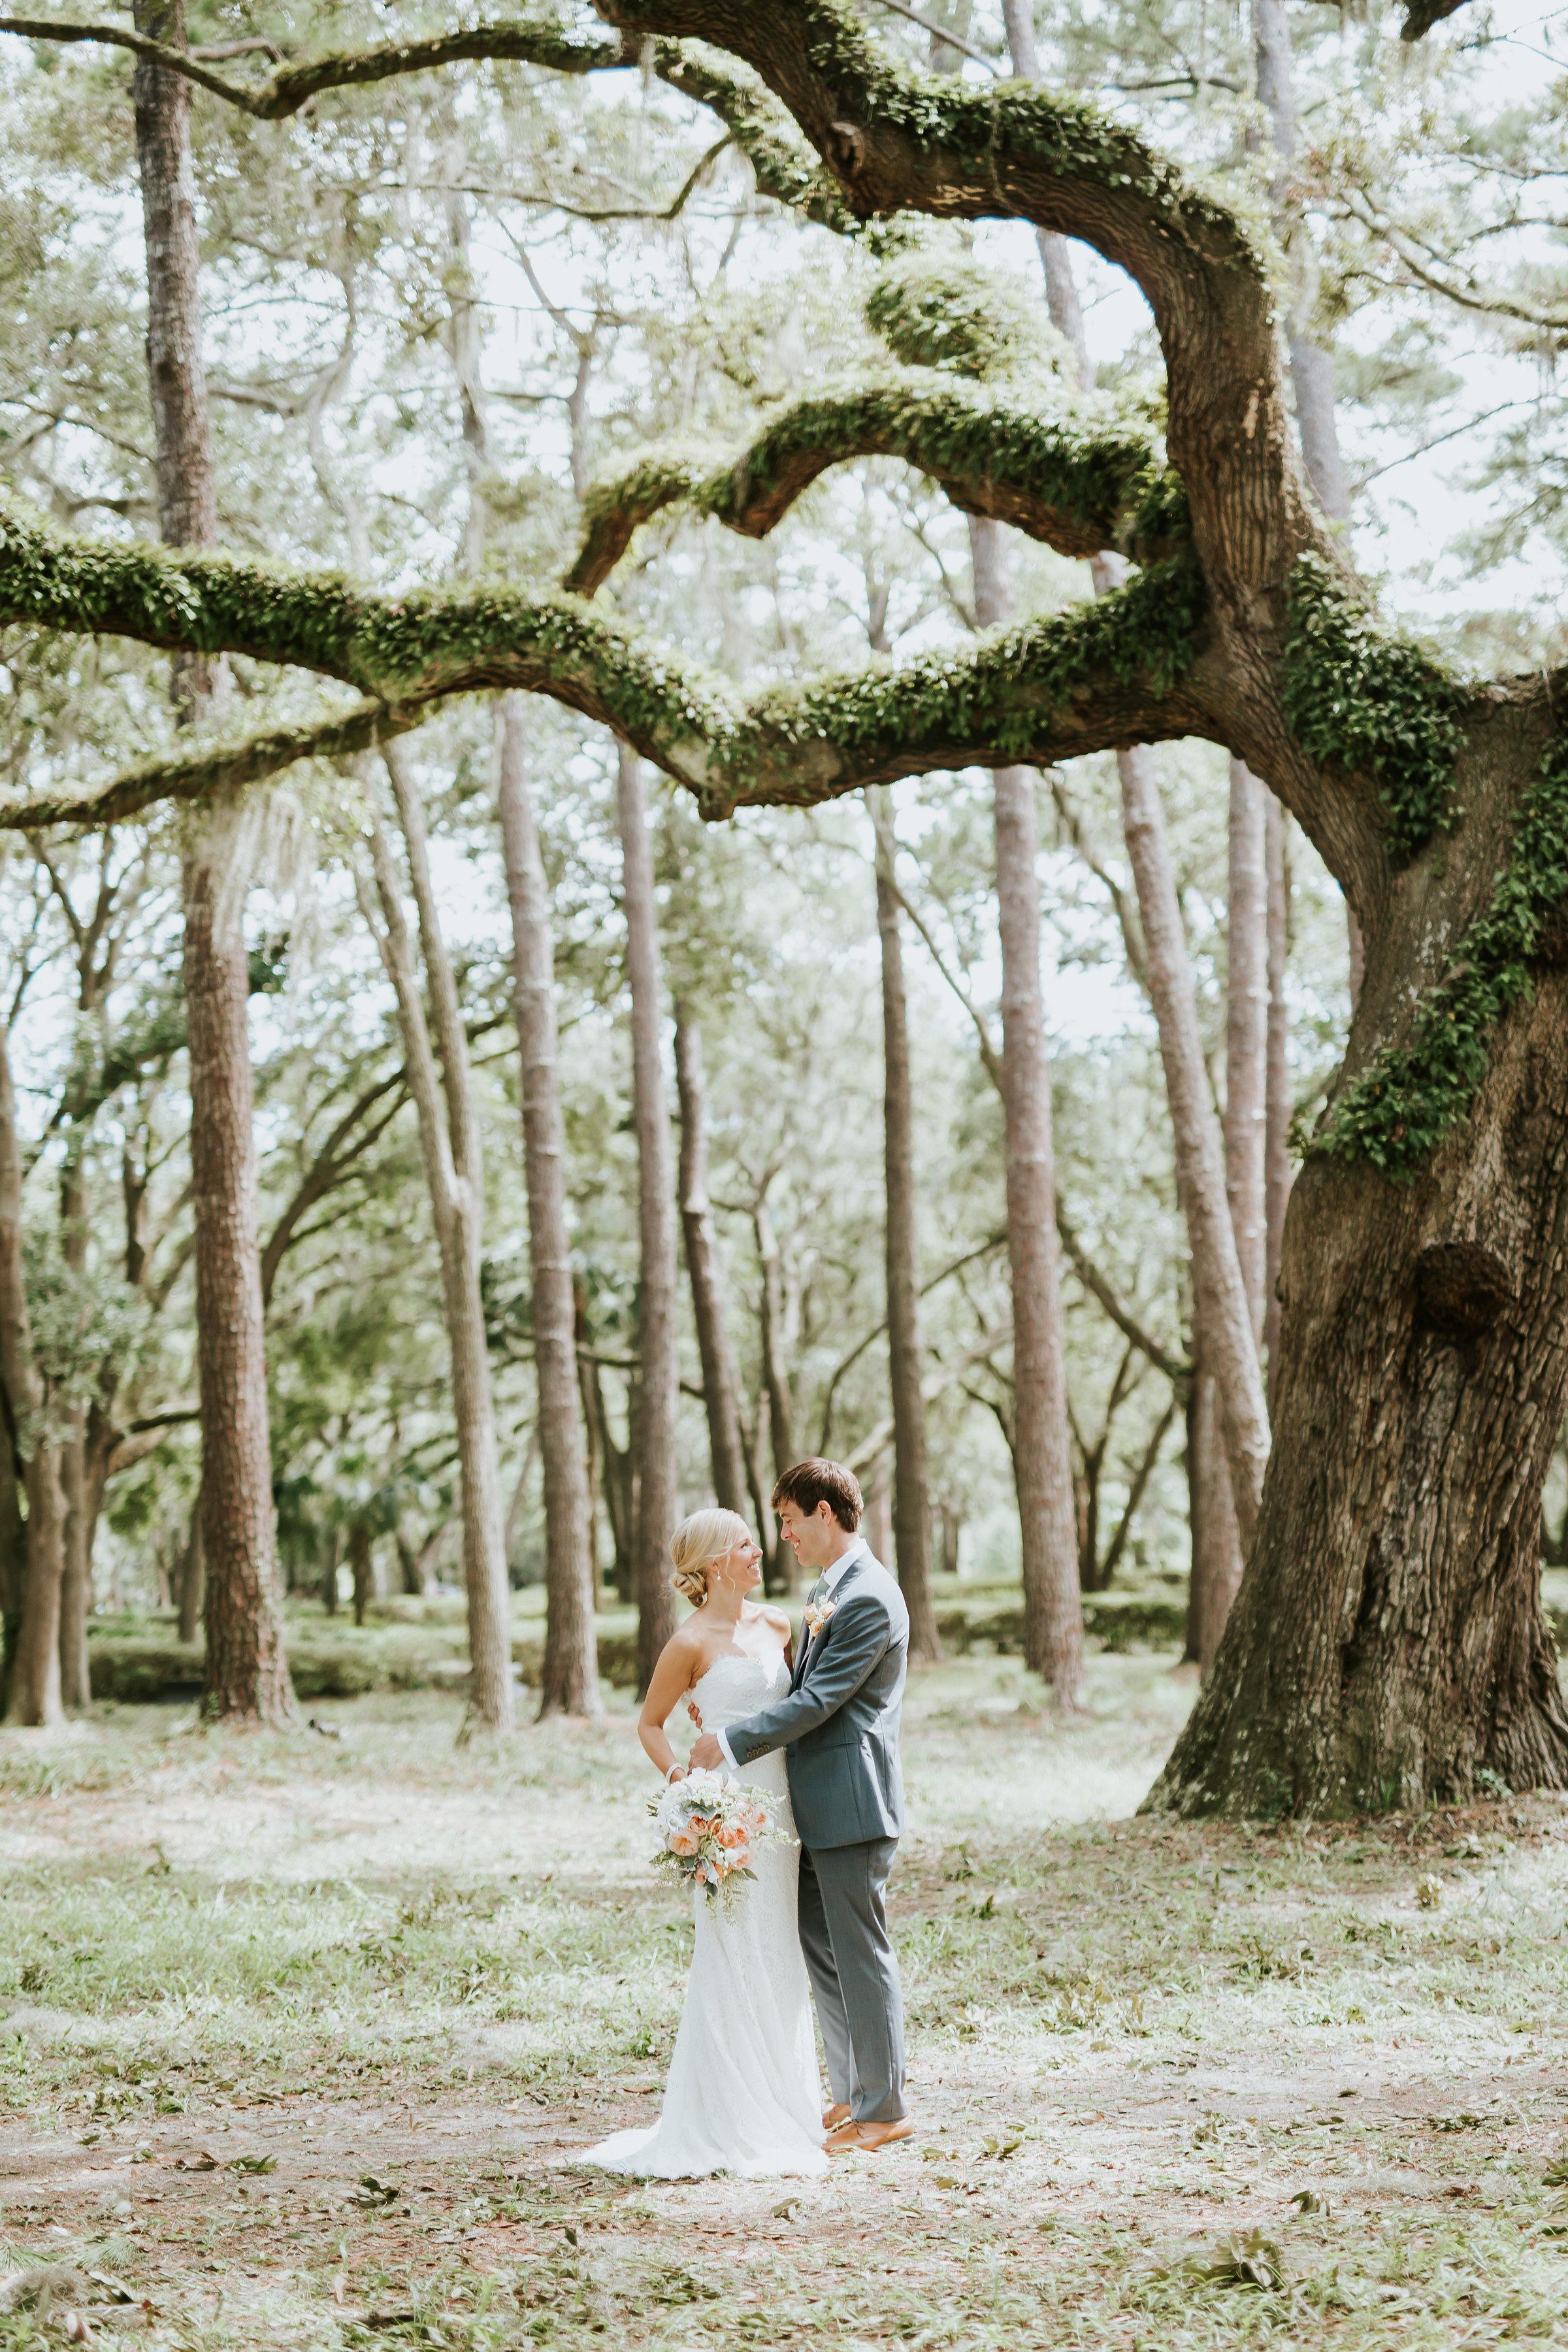 omni-hilton-head-wedding-14.jpg